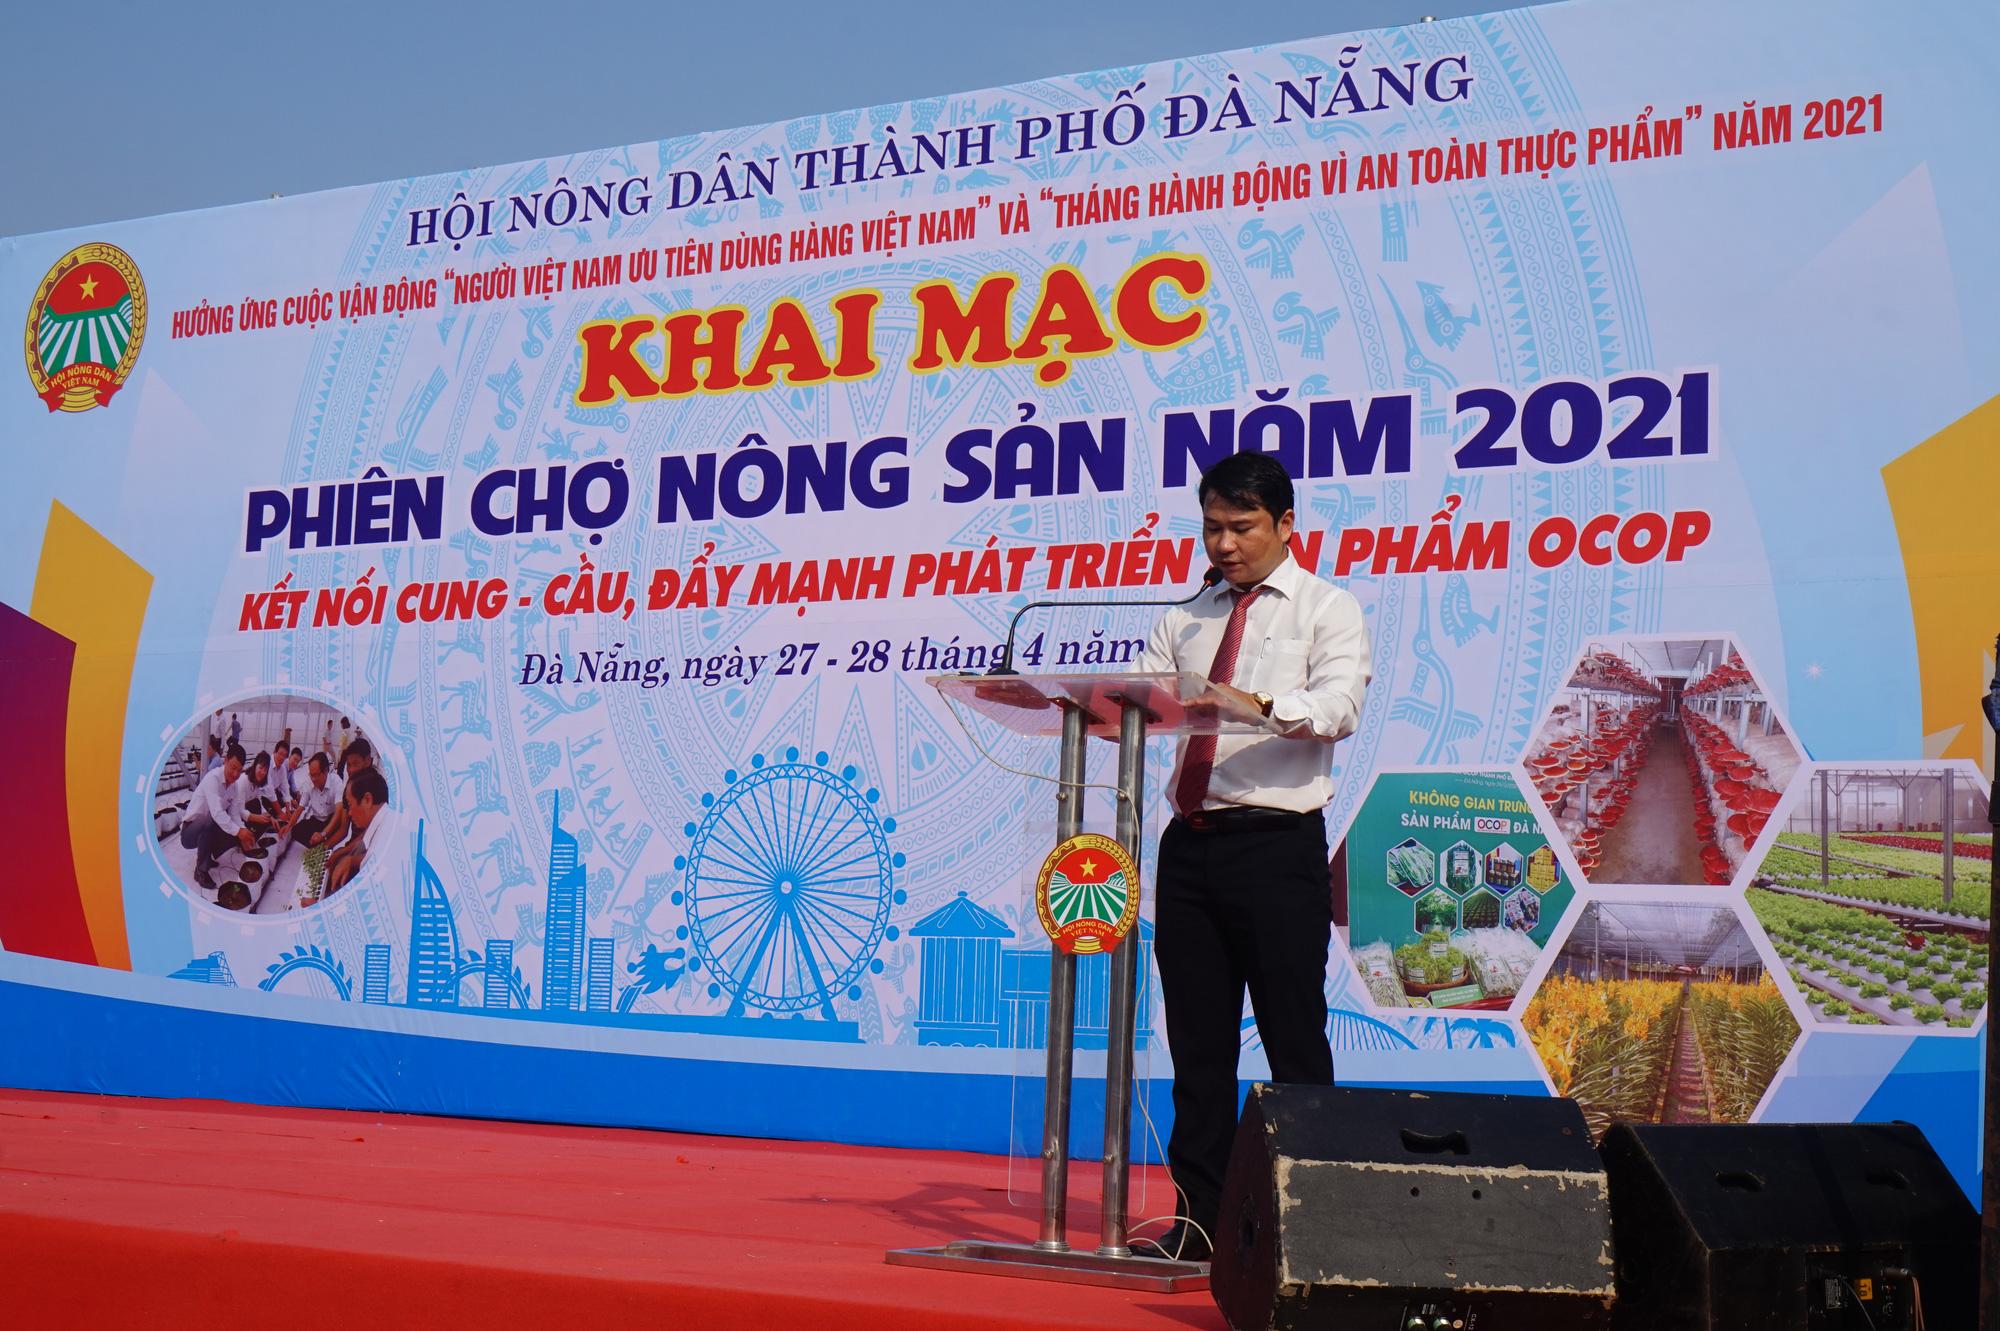 Đà Nẵng: Sản phẩm OCOP, rau sạch hút hàng tại Phiên sợ nông sản - Ảnh 5.